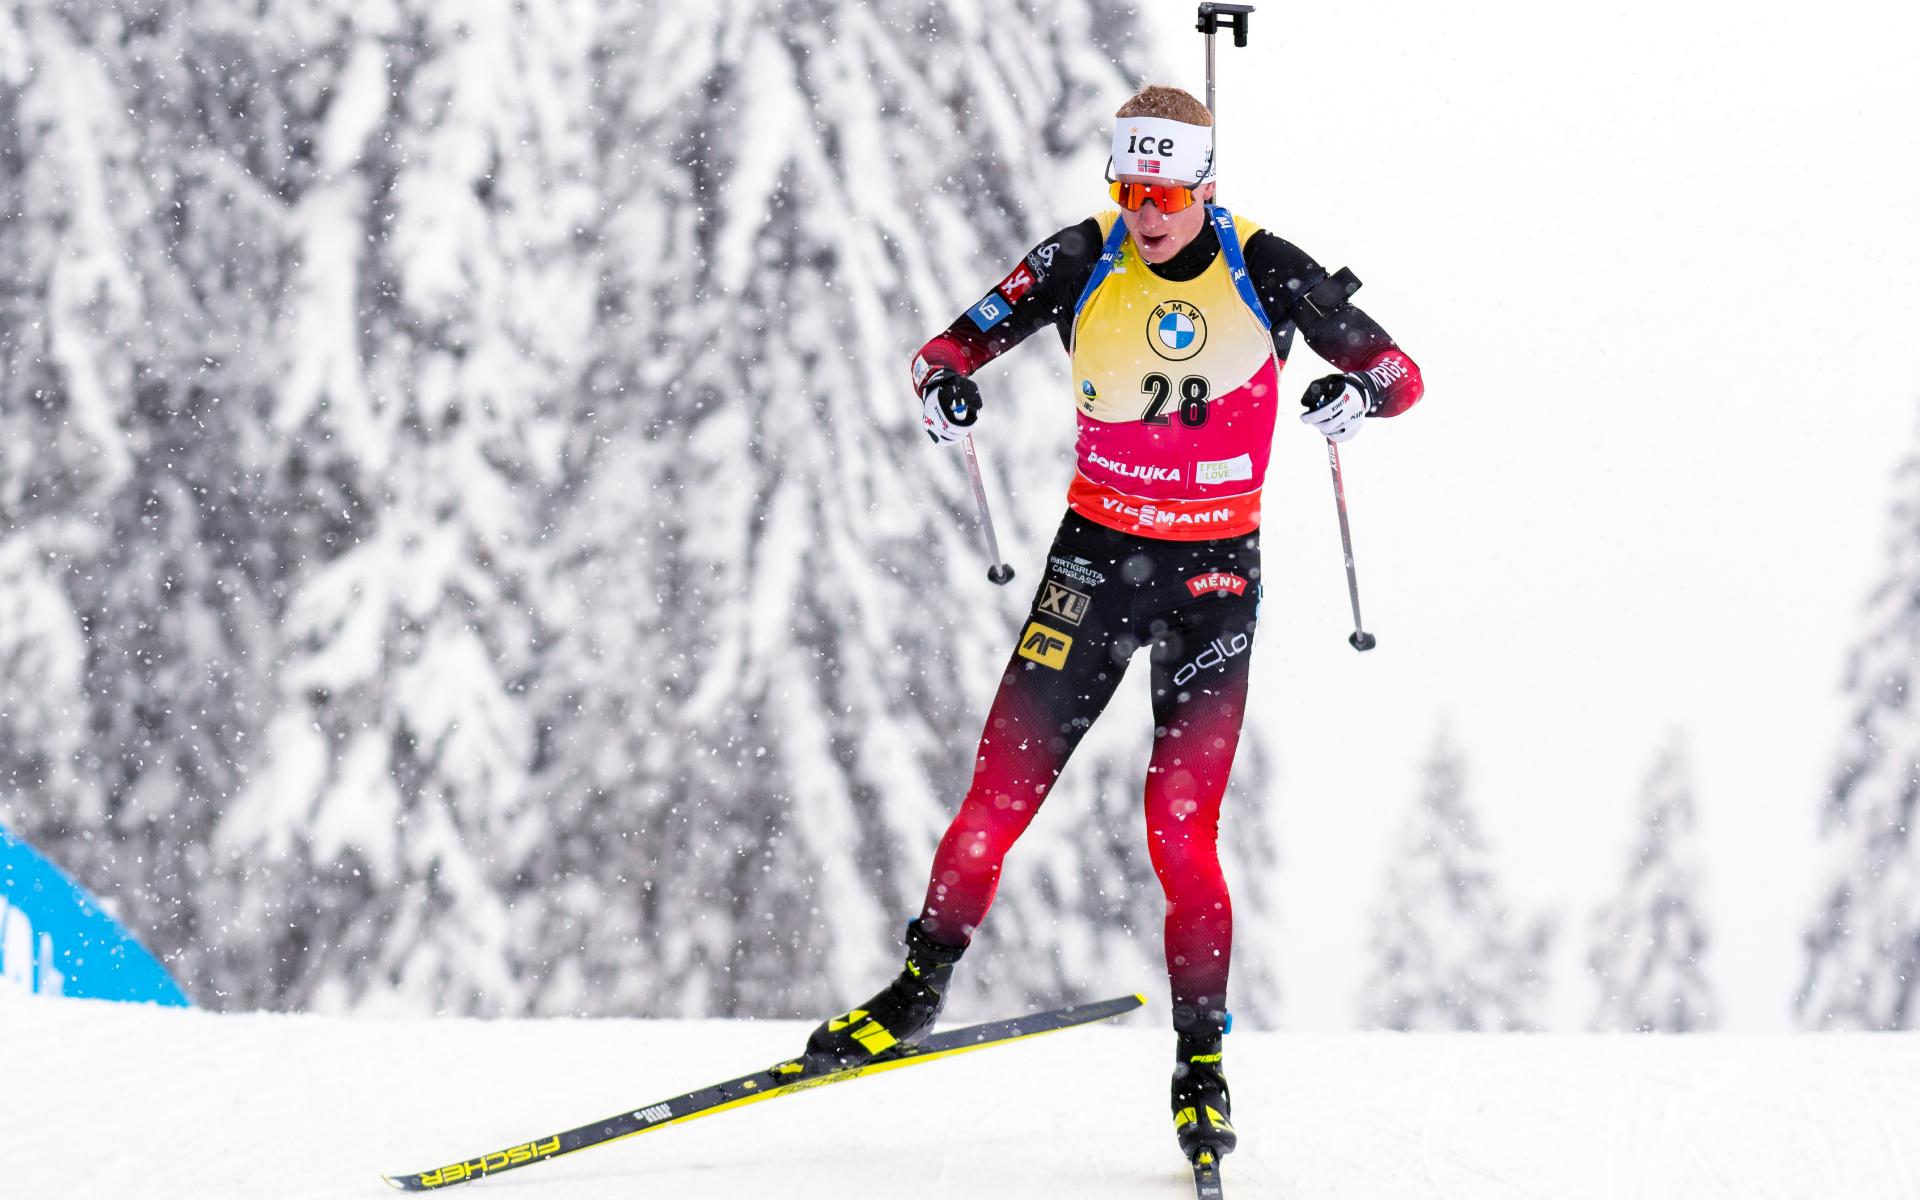 Лидер общего зачета Кубка мира по биатлону норвежец Йоханнес Бё